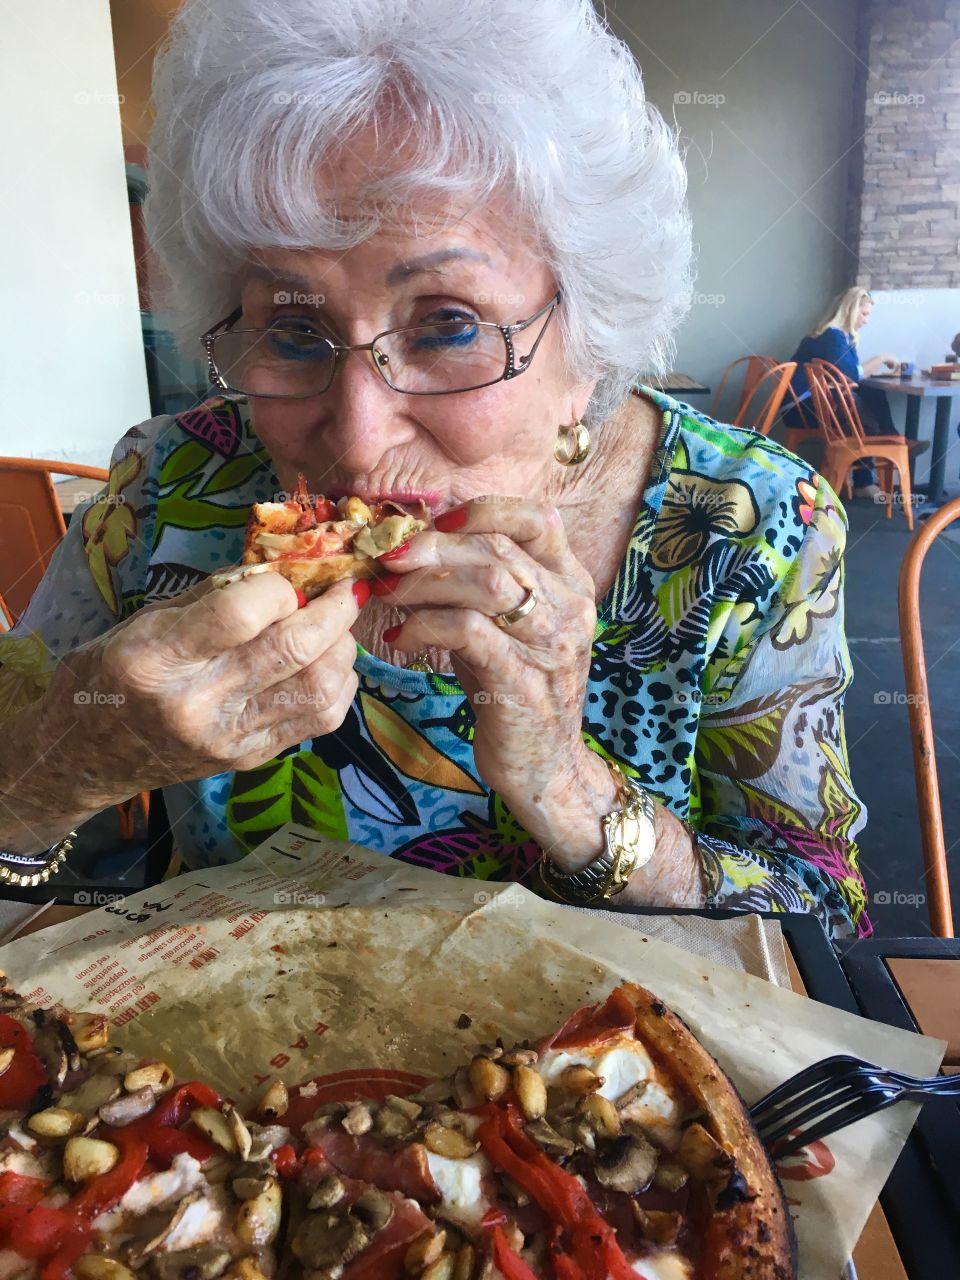 Great grandma eating pizza